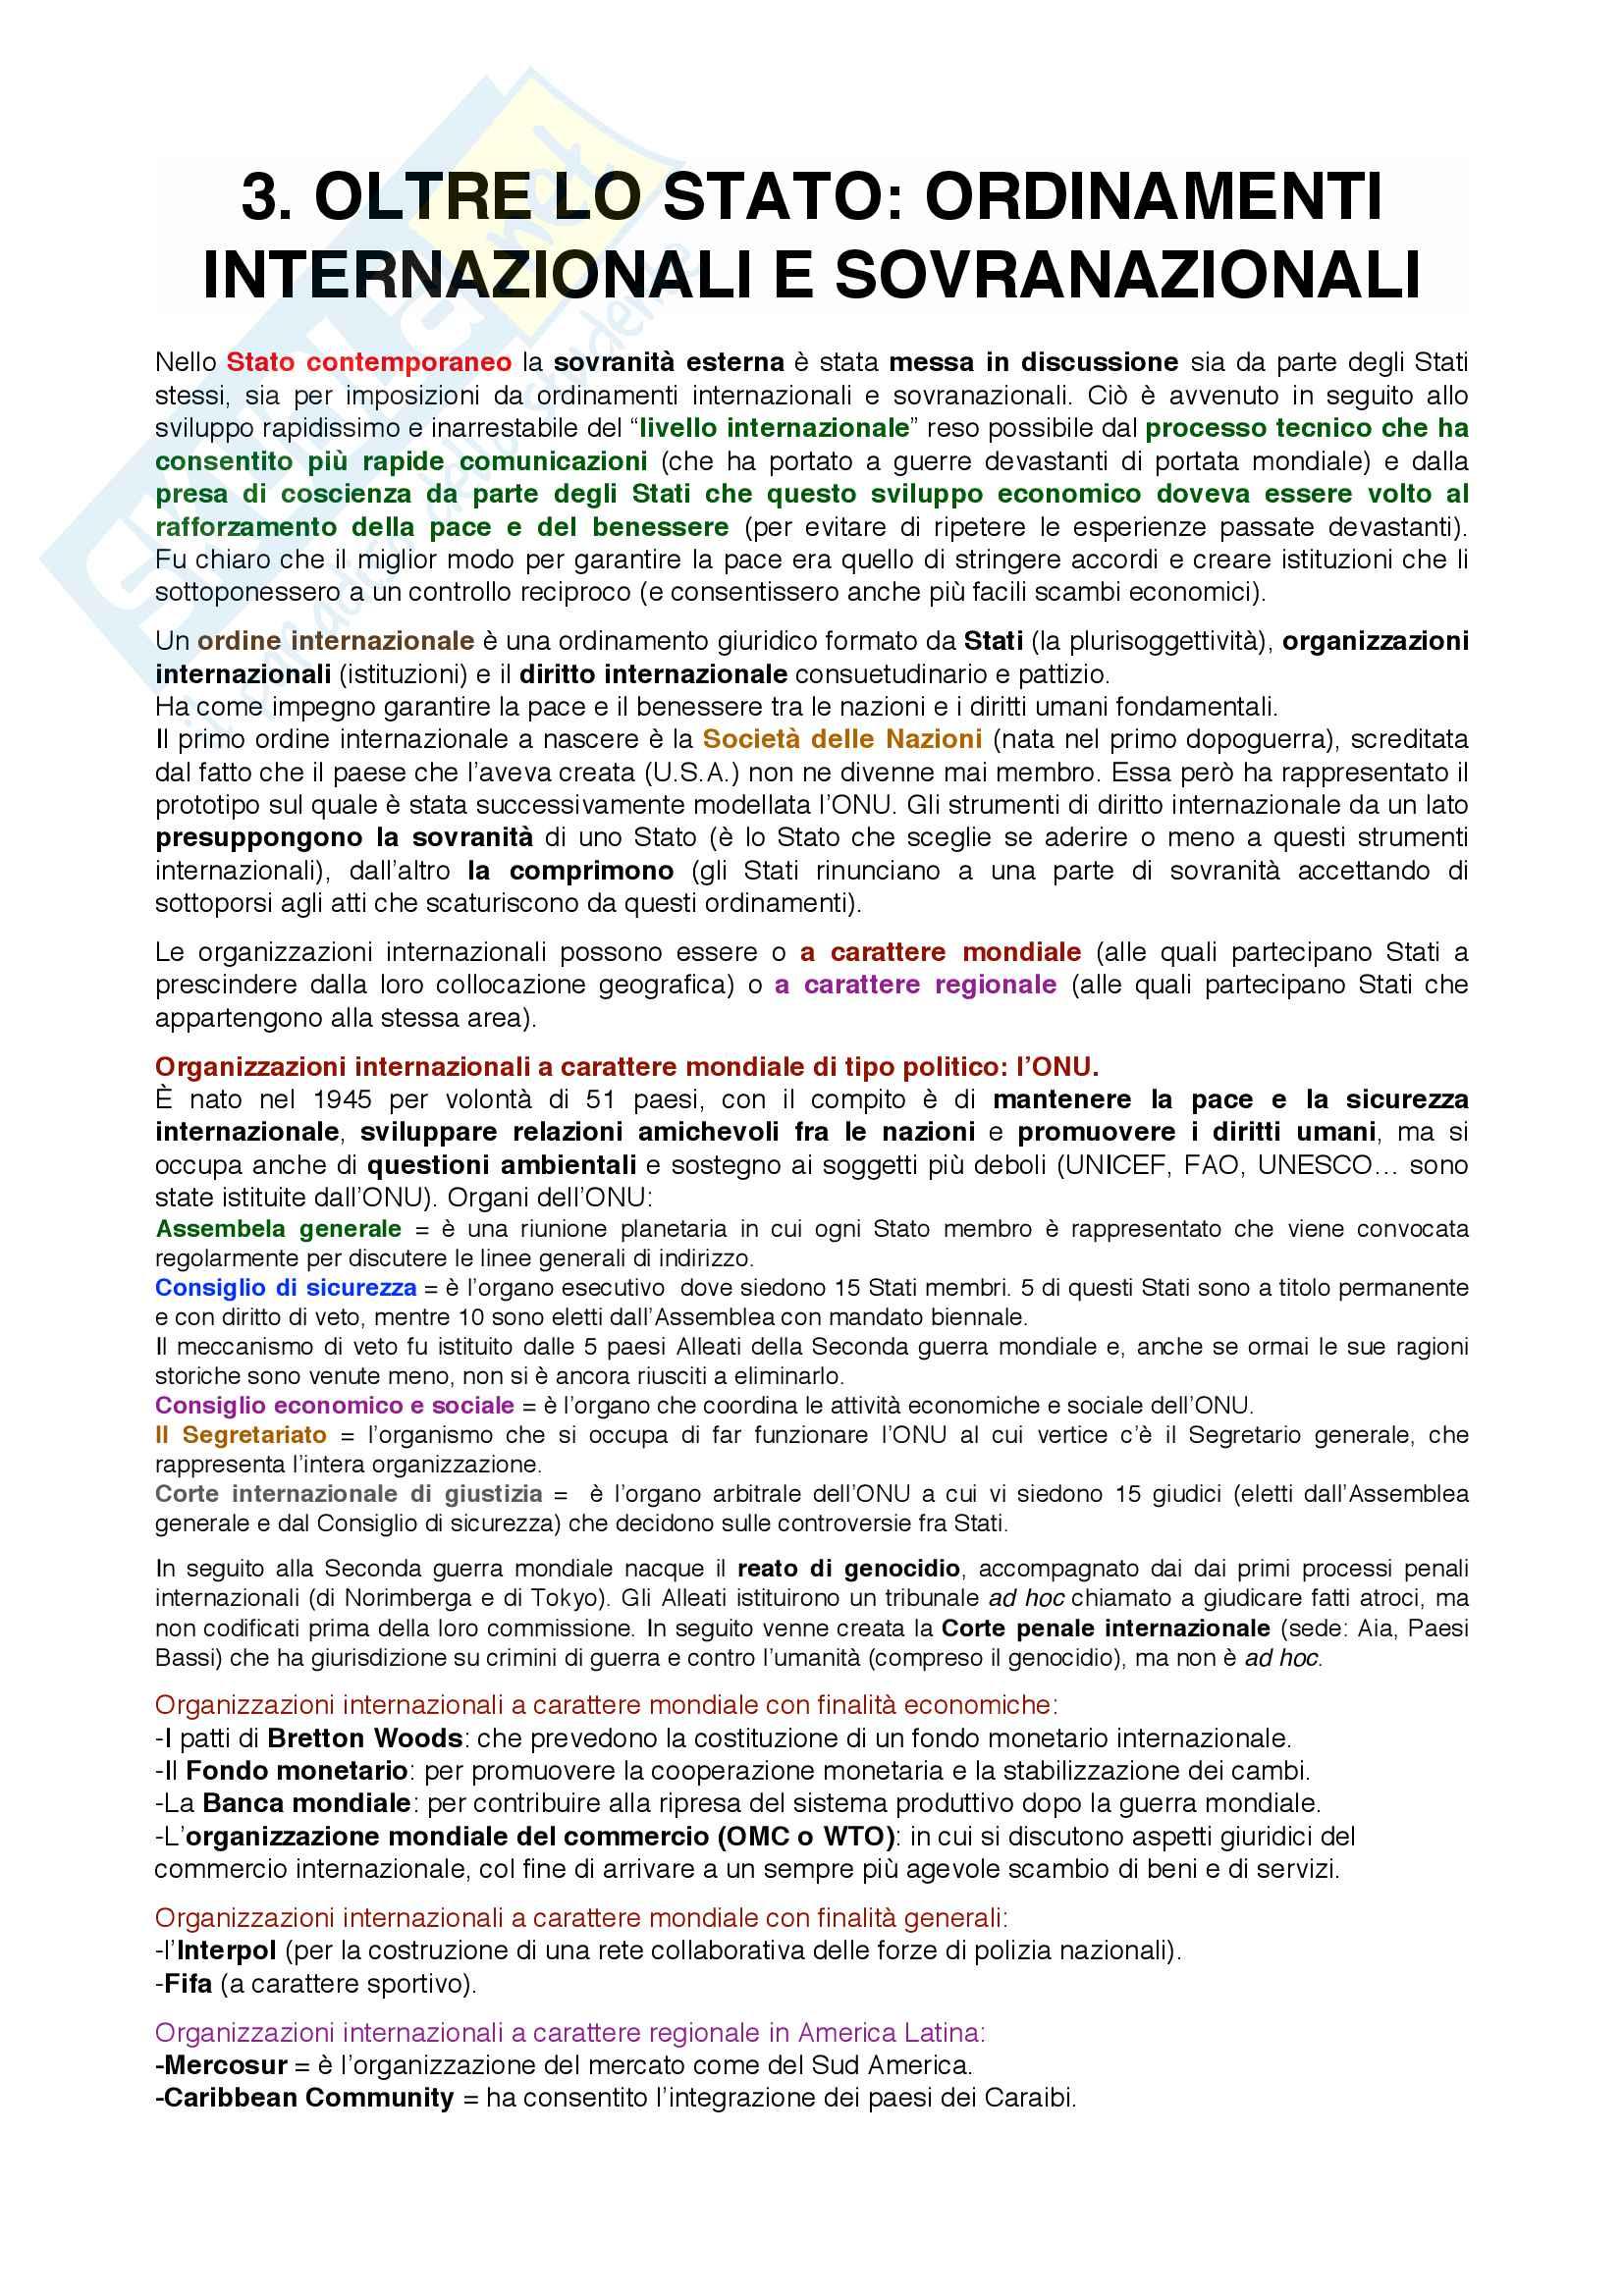 """Riassunto esame Diritto Pubblico, docente Tania Groppi, libro consigliato """"Introduzione allo studio del diritto pubblico"""", Tania Groppi Pag. 6"""